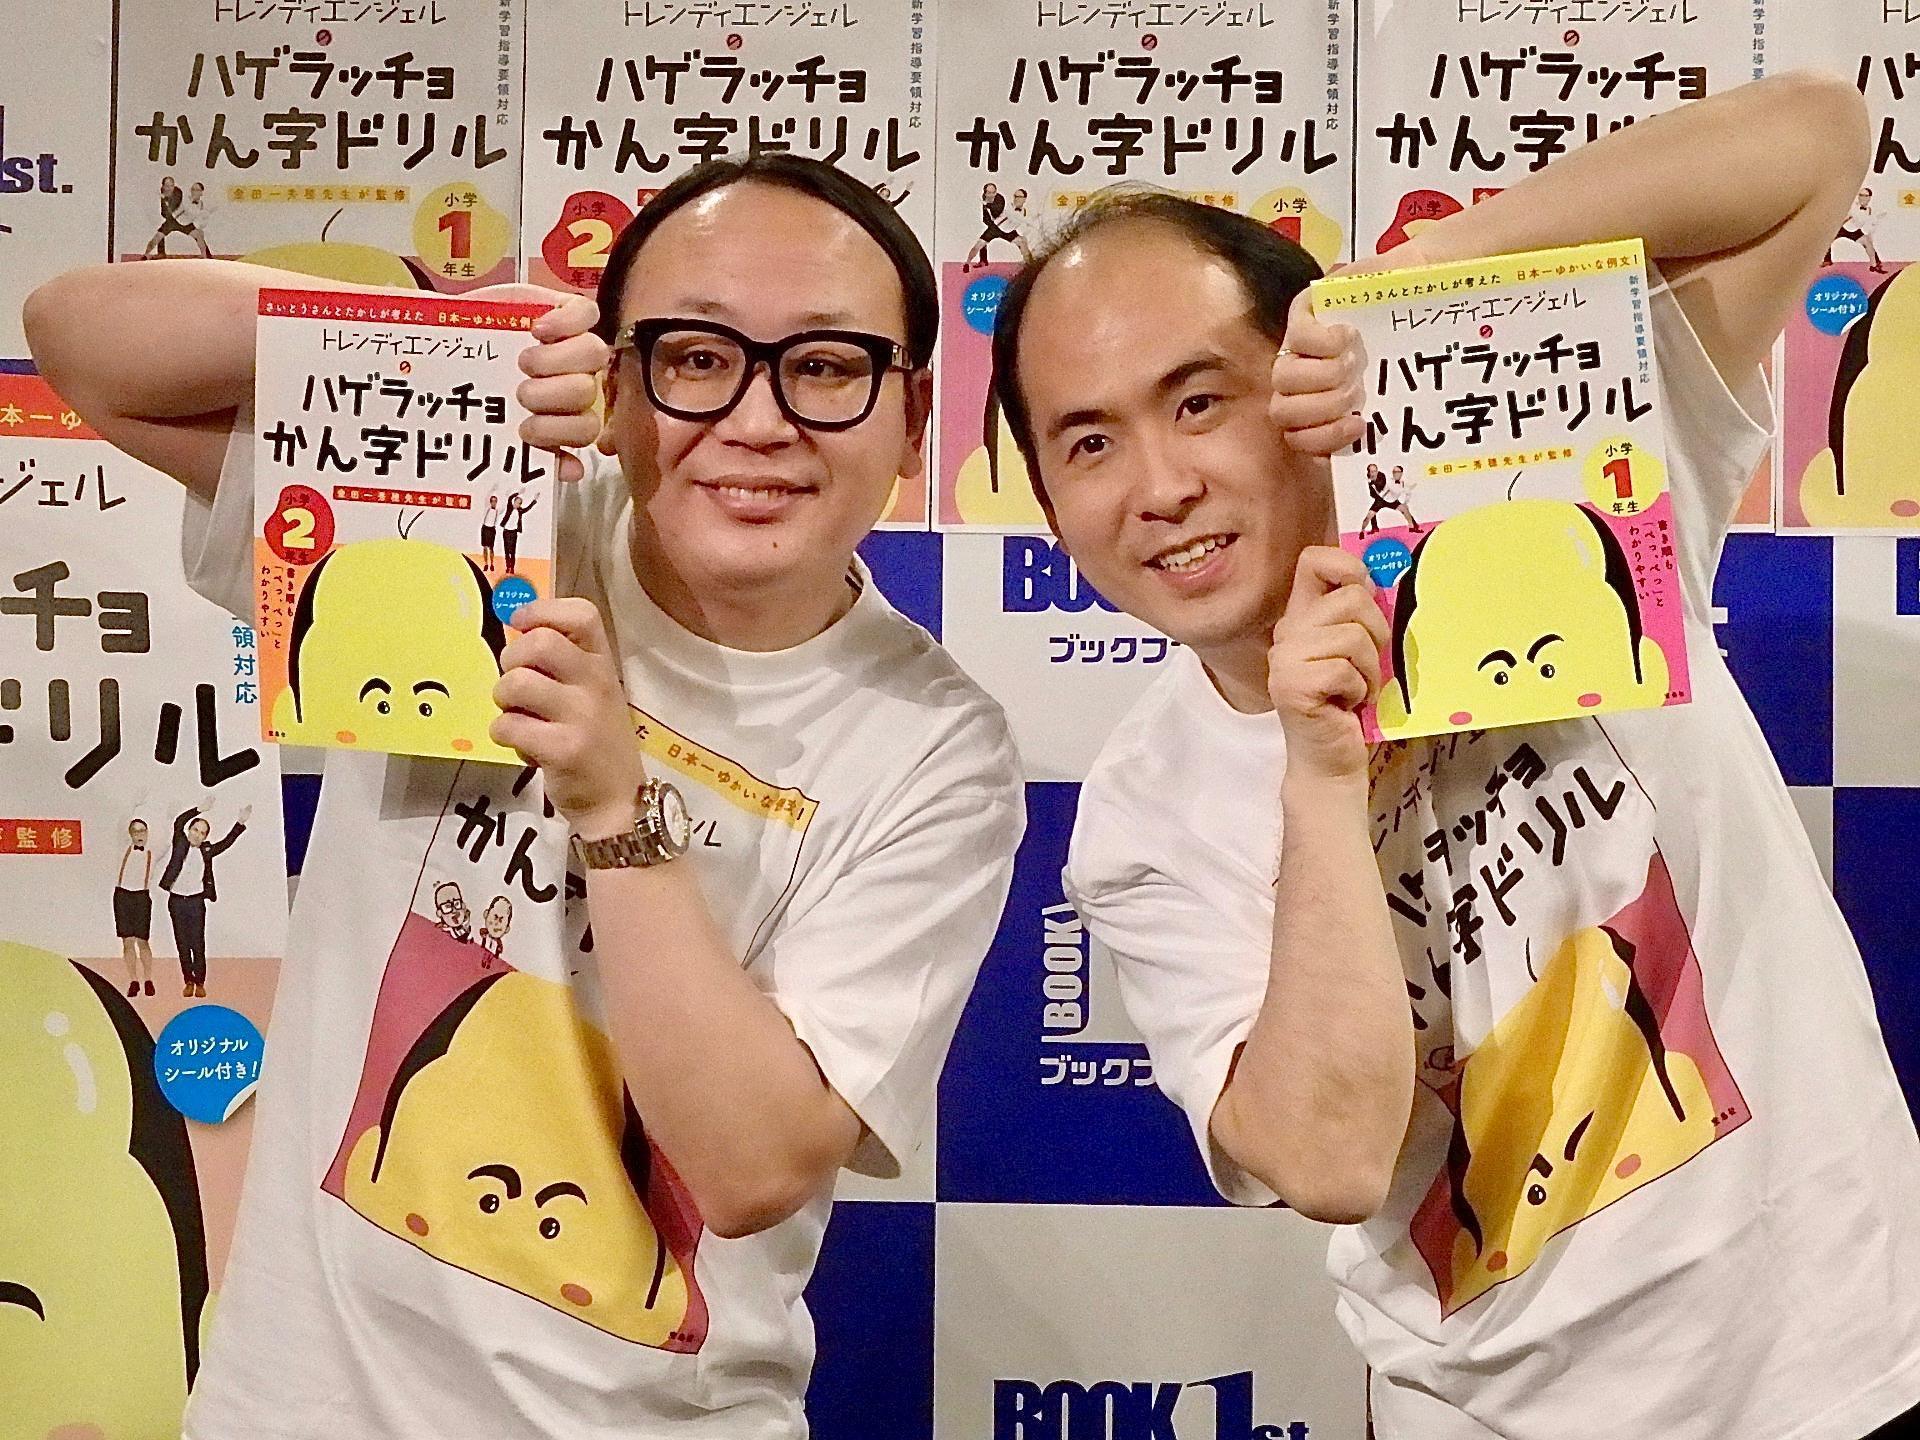 http://news.yoshimoto.co.jp/20180412000042-86dbf361994f3eb56a11b3deace5768657ed233d.jpg